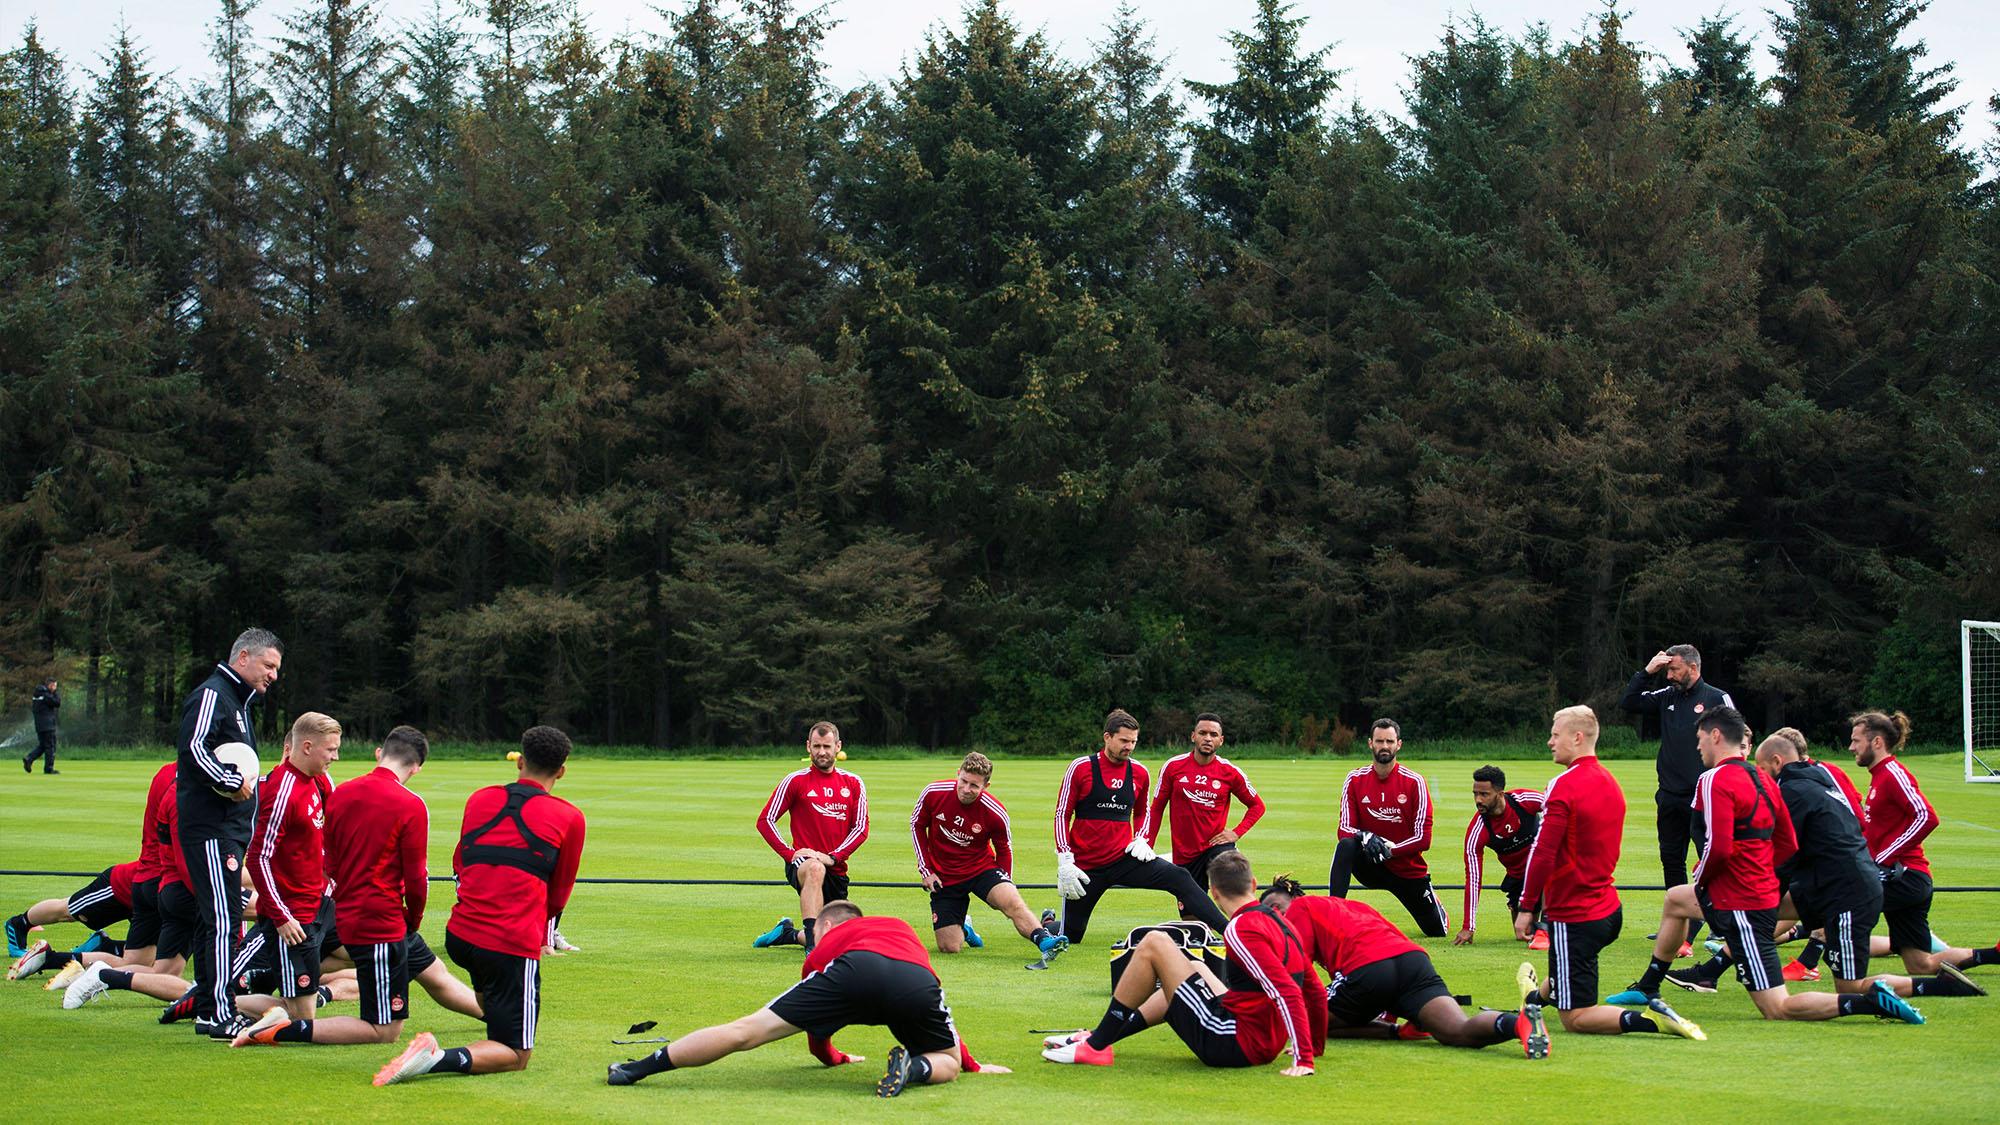 UEFA EL QR3 L2 | Preview